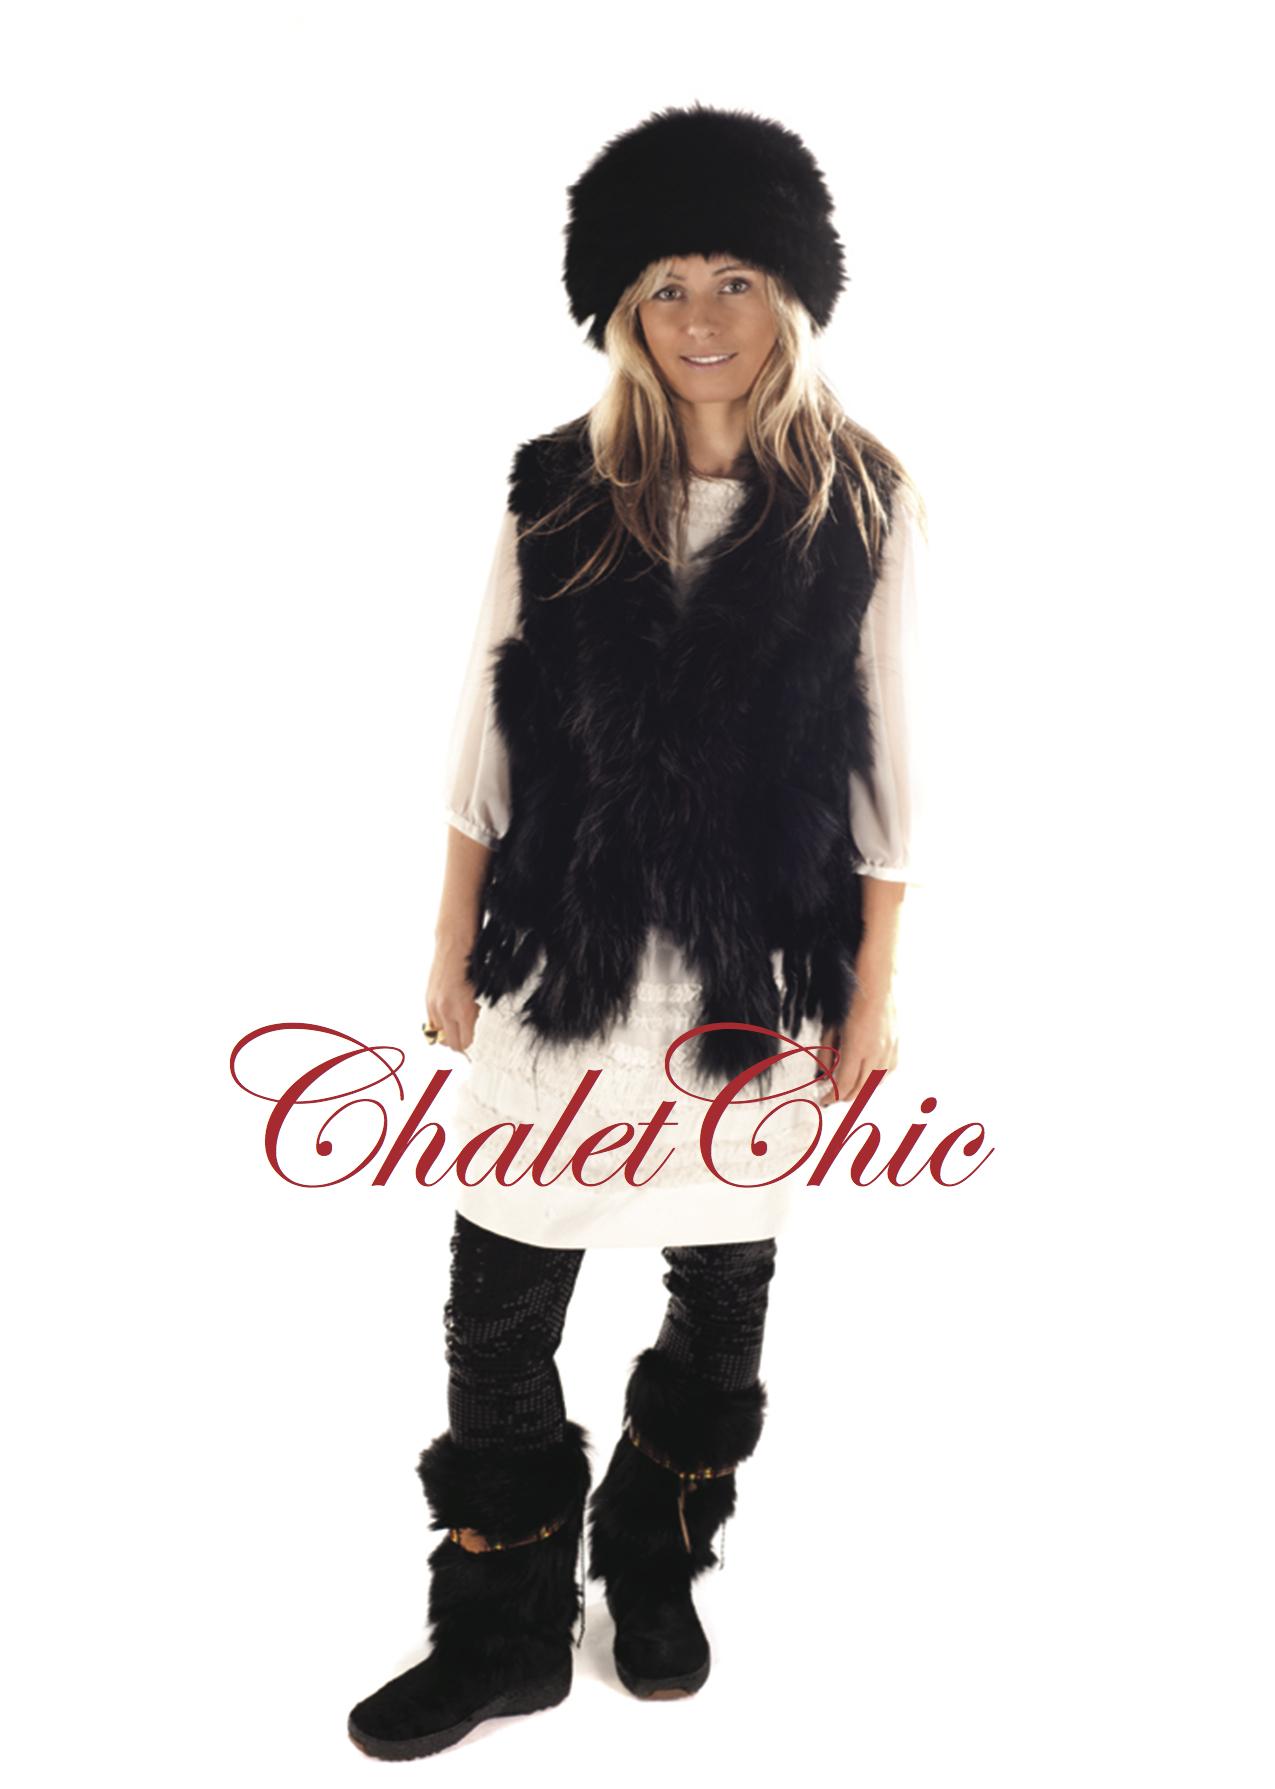 hl-chalet-chic